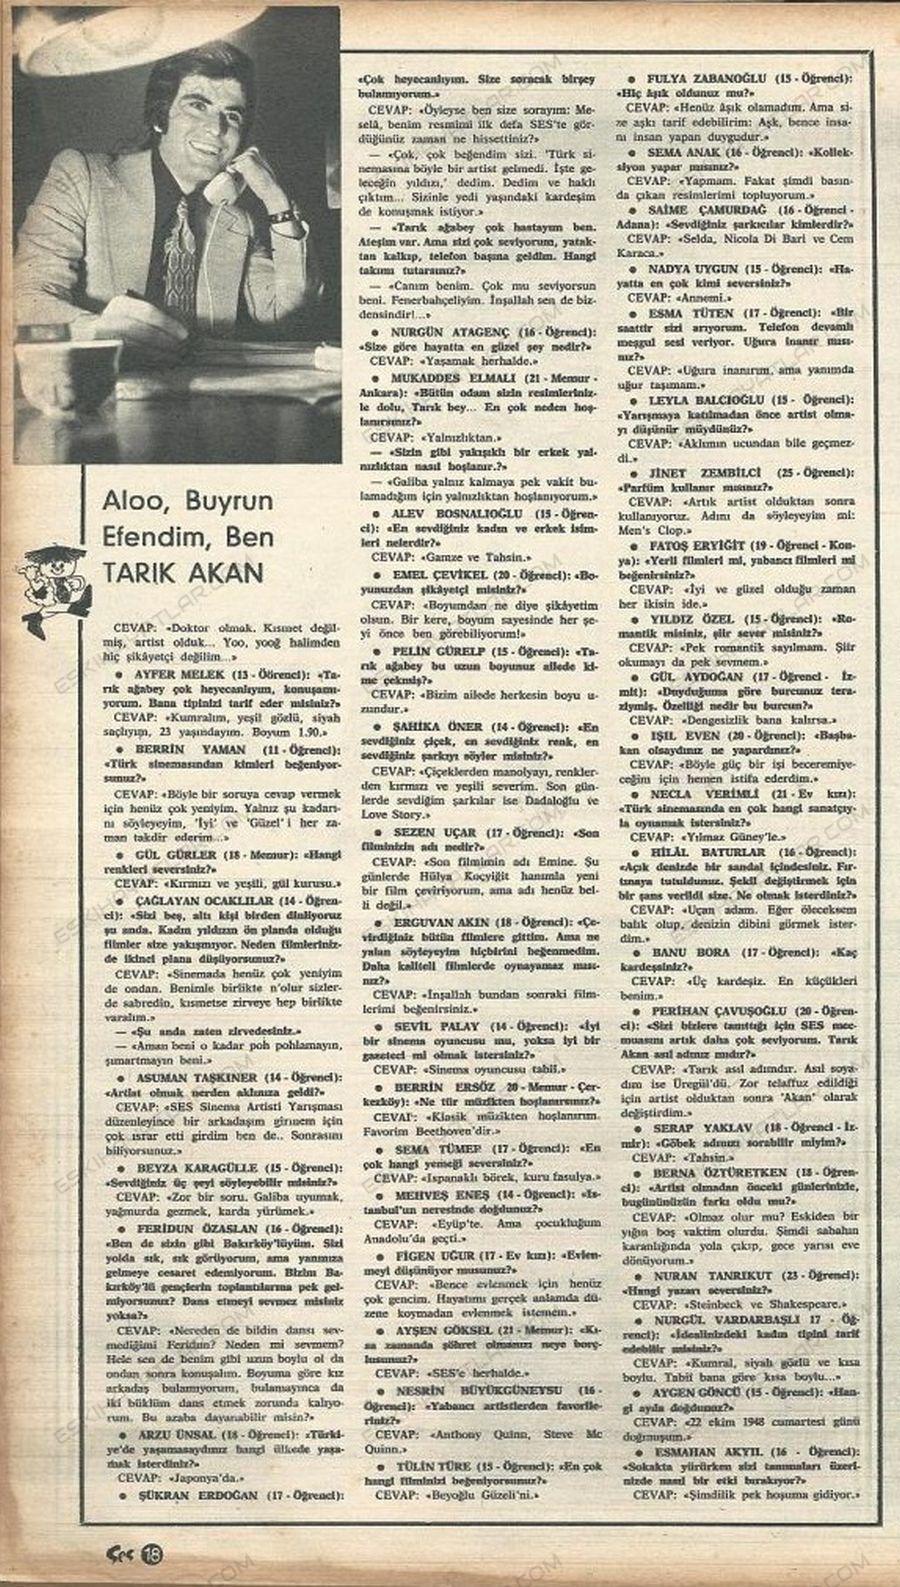 0294-tarik-akan-ses-dergisi-1972-hayranlariyla-telefonda (3)